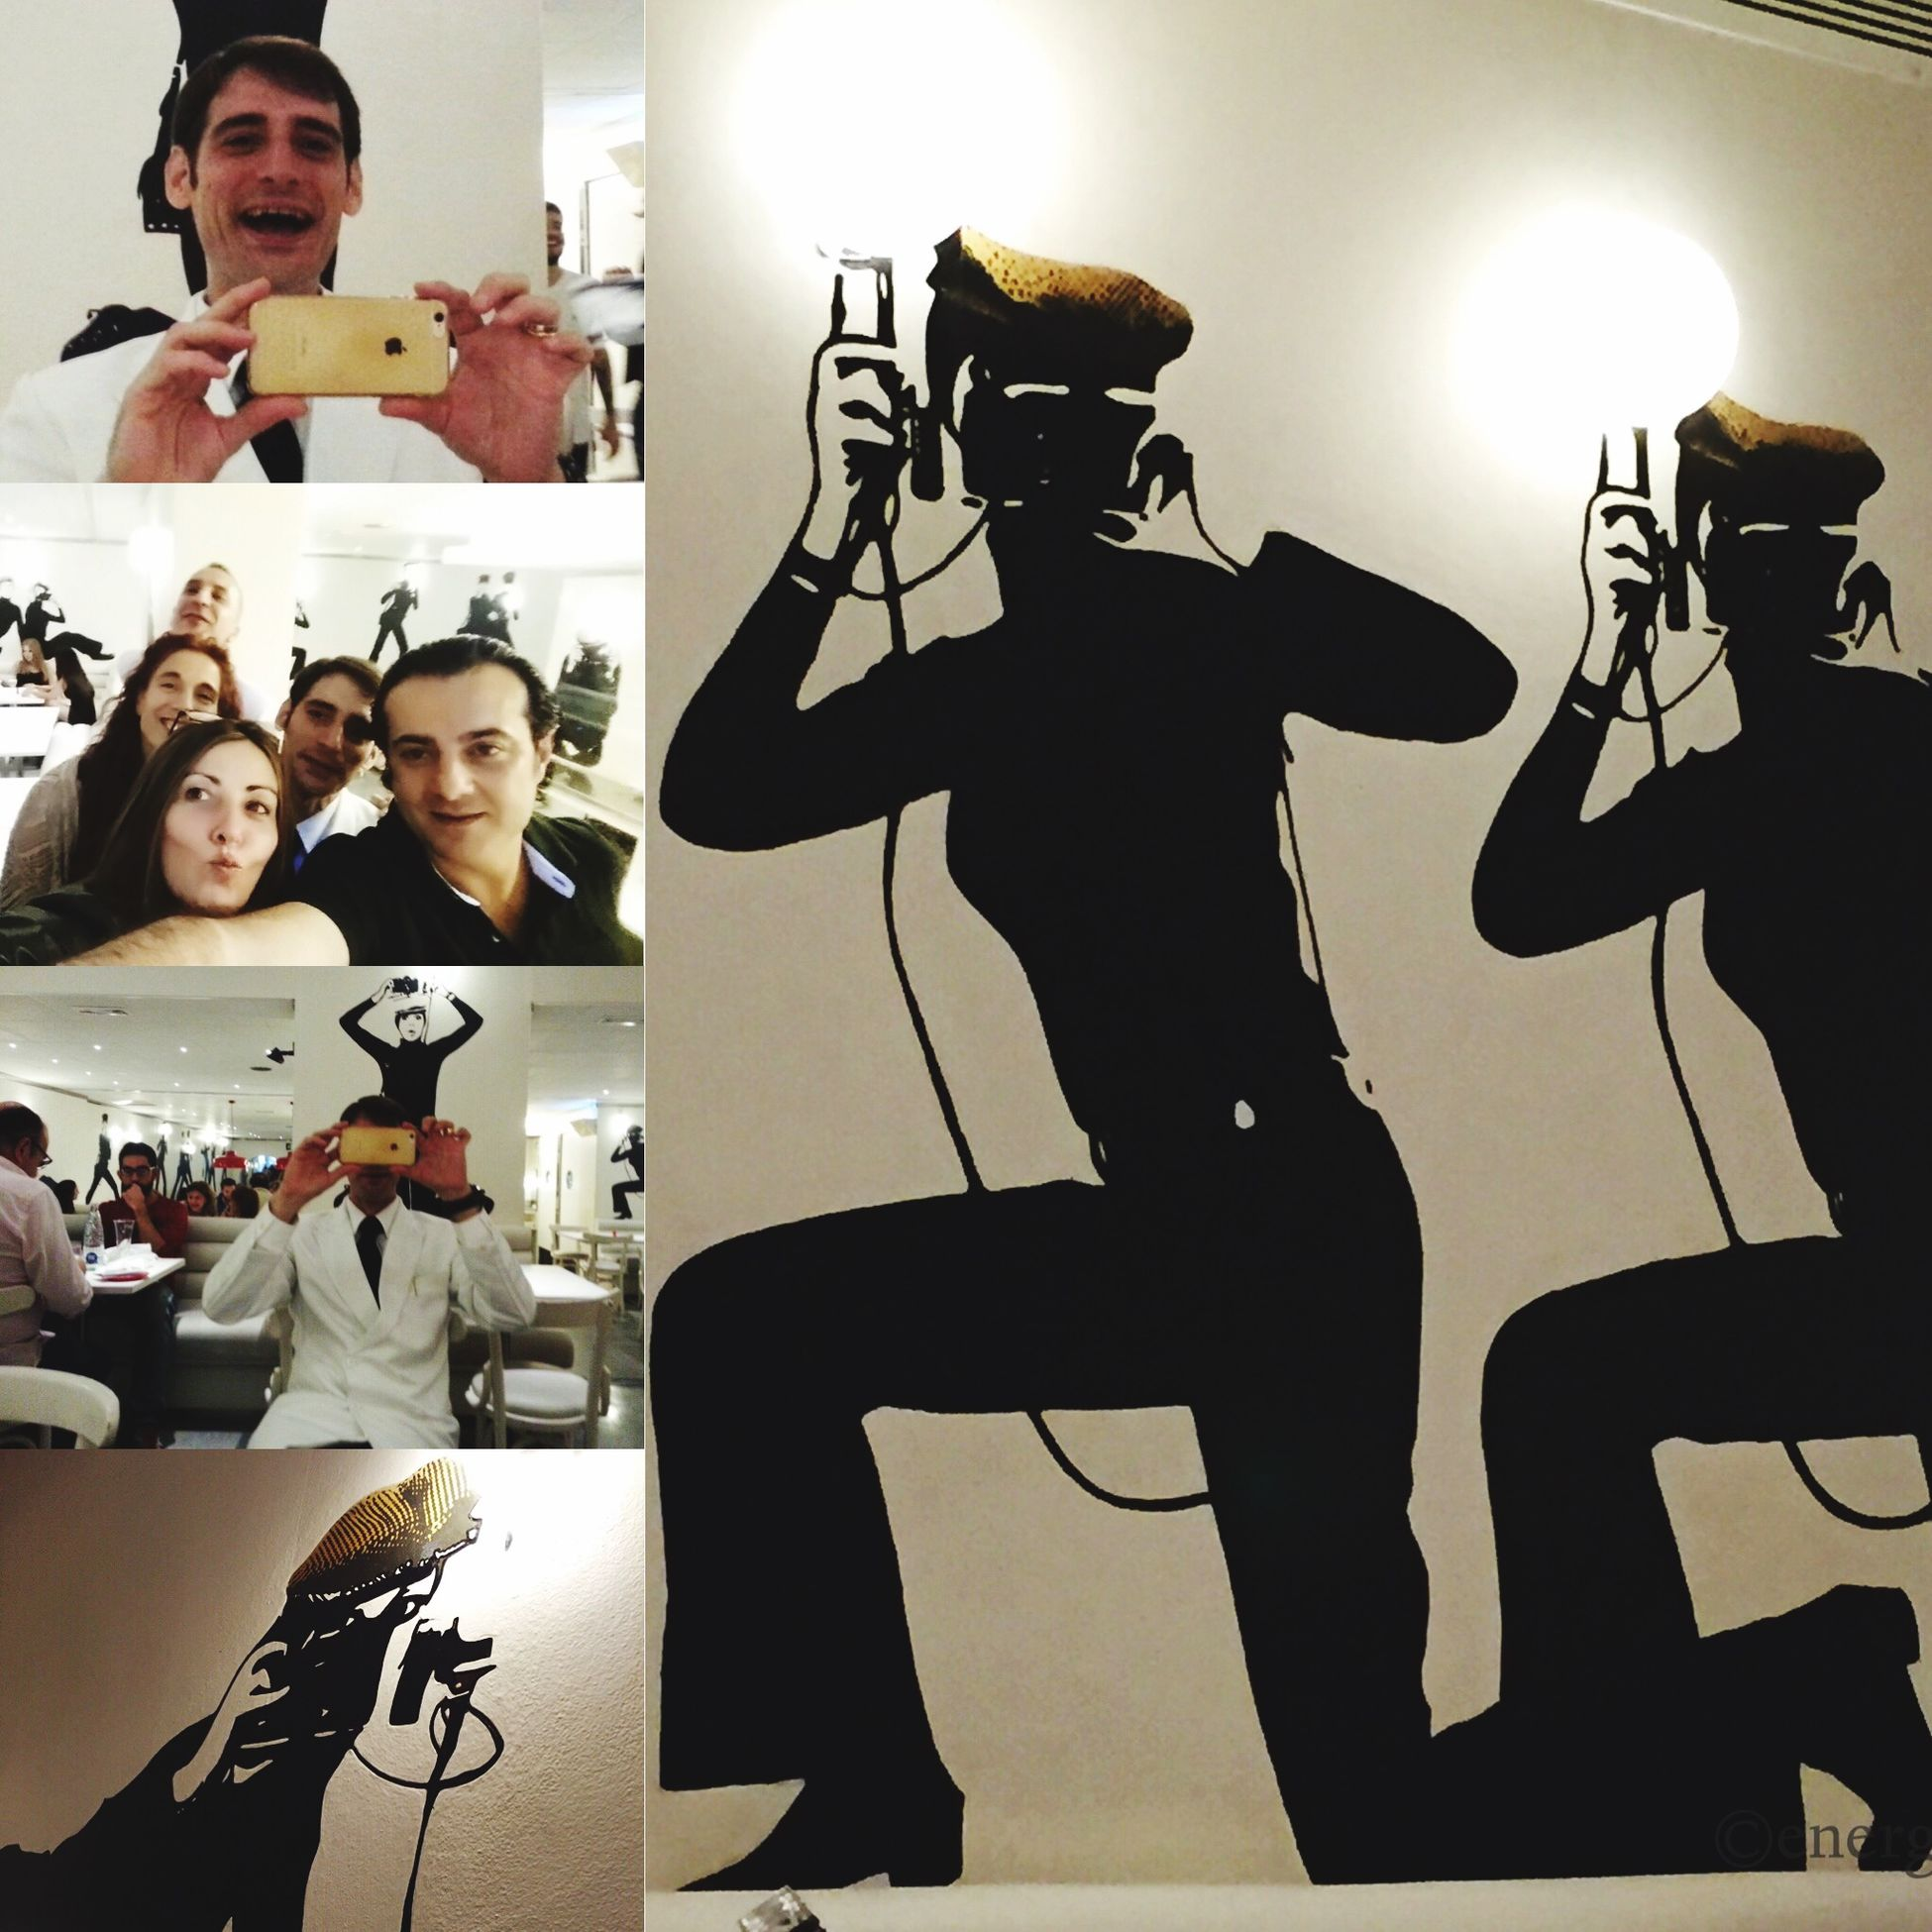 📷🍴 .@FlashFlashbcn FlashFlashBarcelona Selfie ✌ Friends Waiter Tortilla Burgers Restaurant Fantastic 1970s EnergySupportBcn Flash Flash C/ Granada del Penedès, 25 (Tuset) 08006 Barcelona 📞 +34 932 370 990 http://www.flashflashbarcelona.com Un punto de encuentro desde la mejor fecha el año 1970, añadido su extenso horario de 13:00 a 01:30 hrs Y si eres un #aunténtico #fanflashflash hazte con una de sus 👕🔝👍🏻 súper molonas camisetas, tallaje disponible para toda la familia. @EnergySupport #Post @energysupportbcn 📷 Photo Credit: #energysupportbcn #Barcelona #Catalonia #Spain Gracias